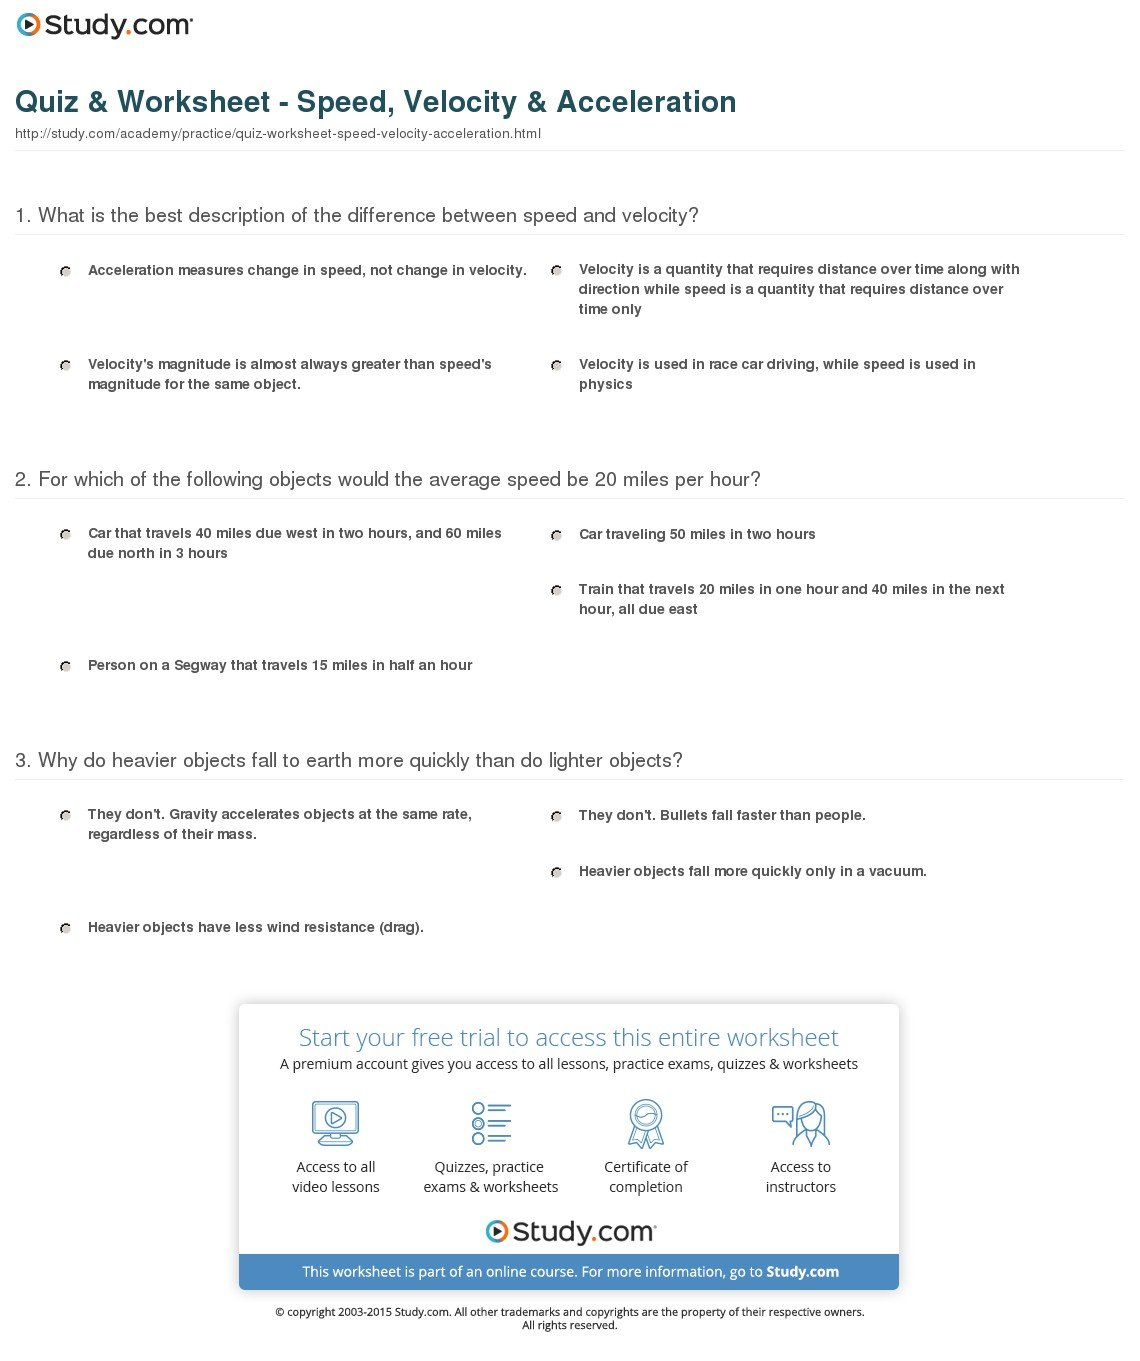 Average Speed Worksheet Answers